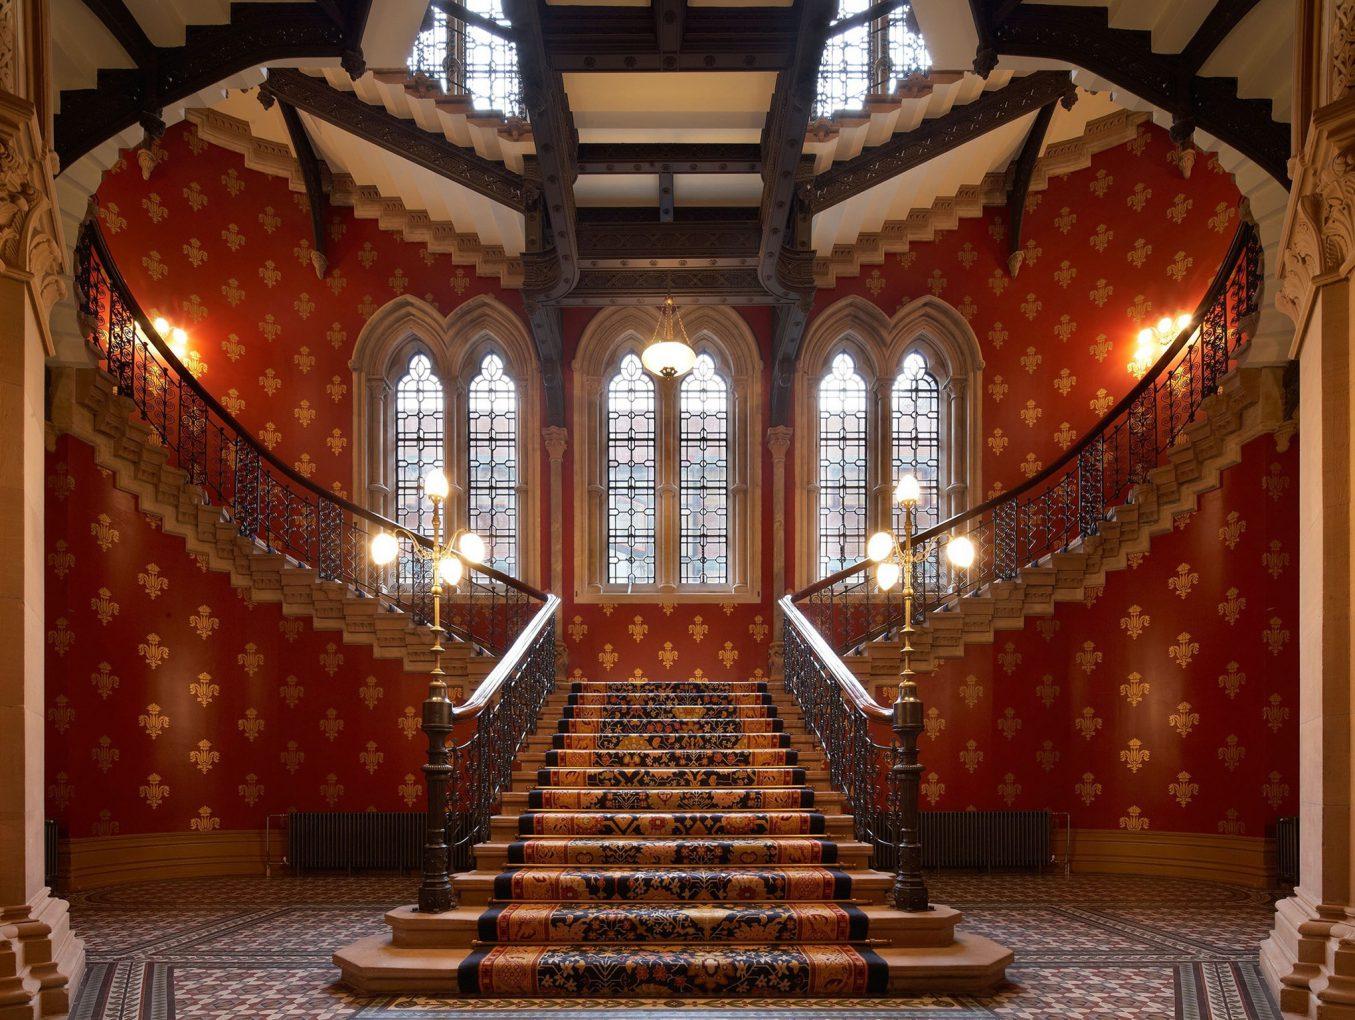 Lobby-StPancrasRenaissanceHotel-London-CRHotel